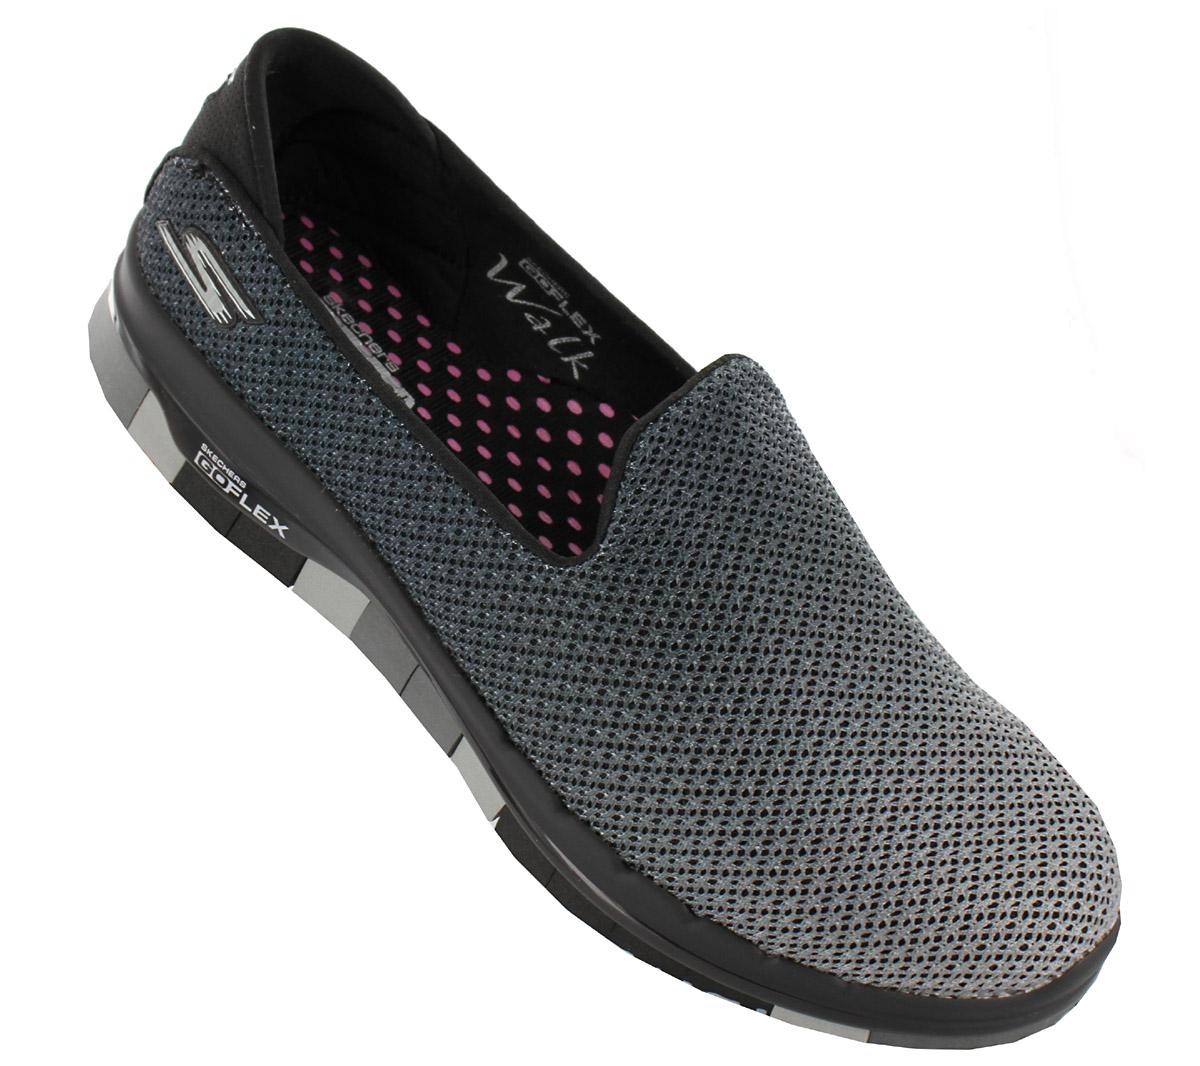 Details zu Skechers Go Flex Lotus Damen Slipper Schuhe Sneaker Walk Freizeit 14014 BKGY NEU